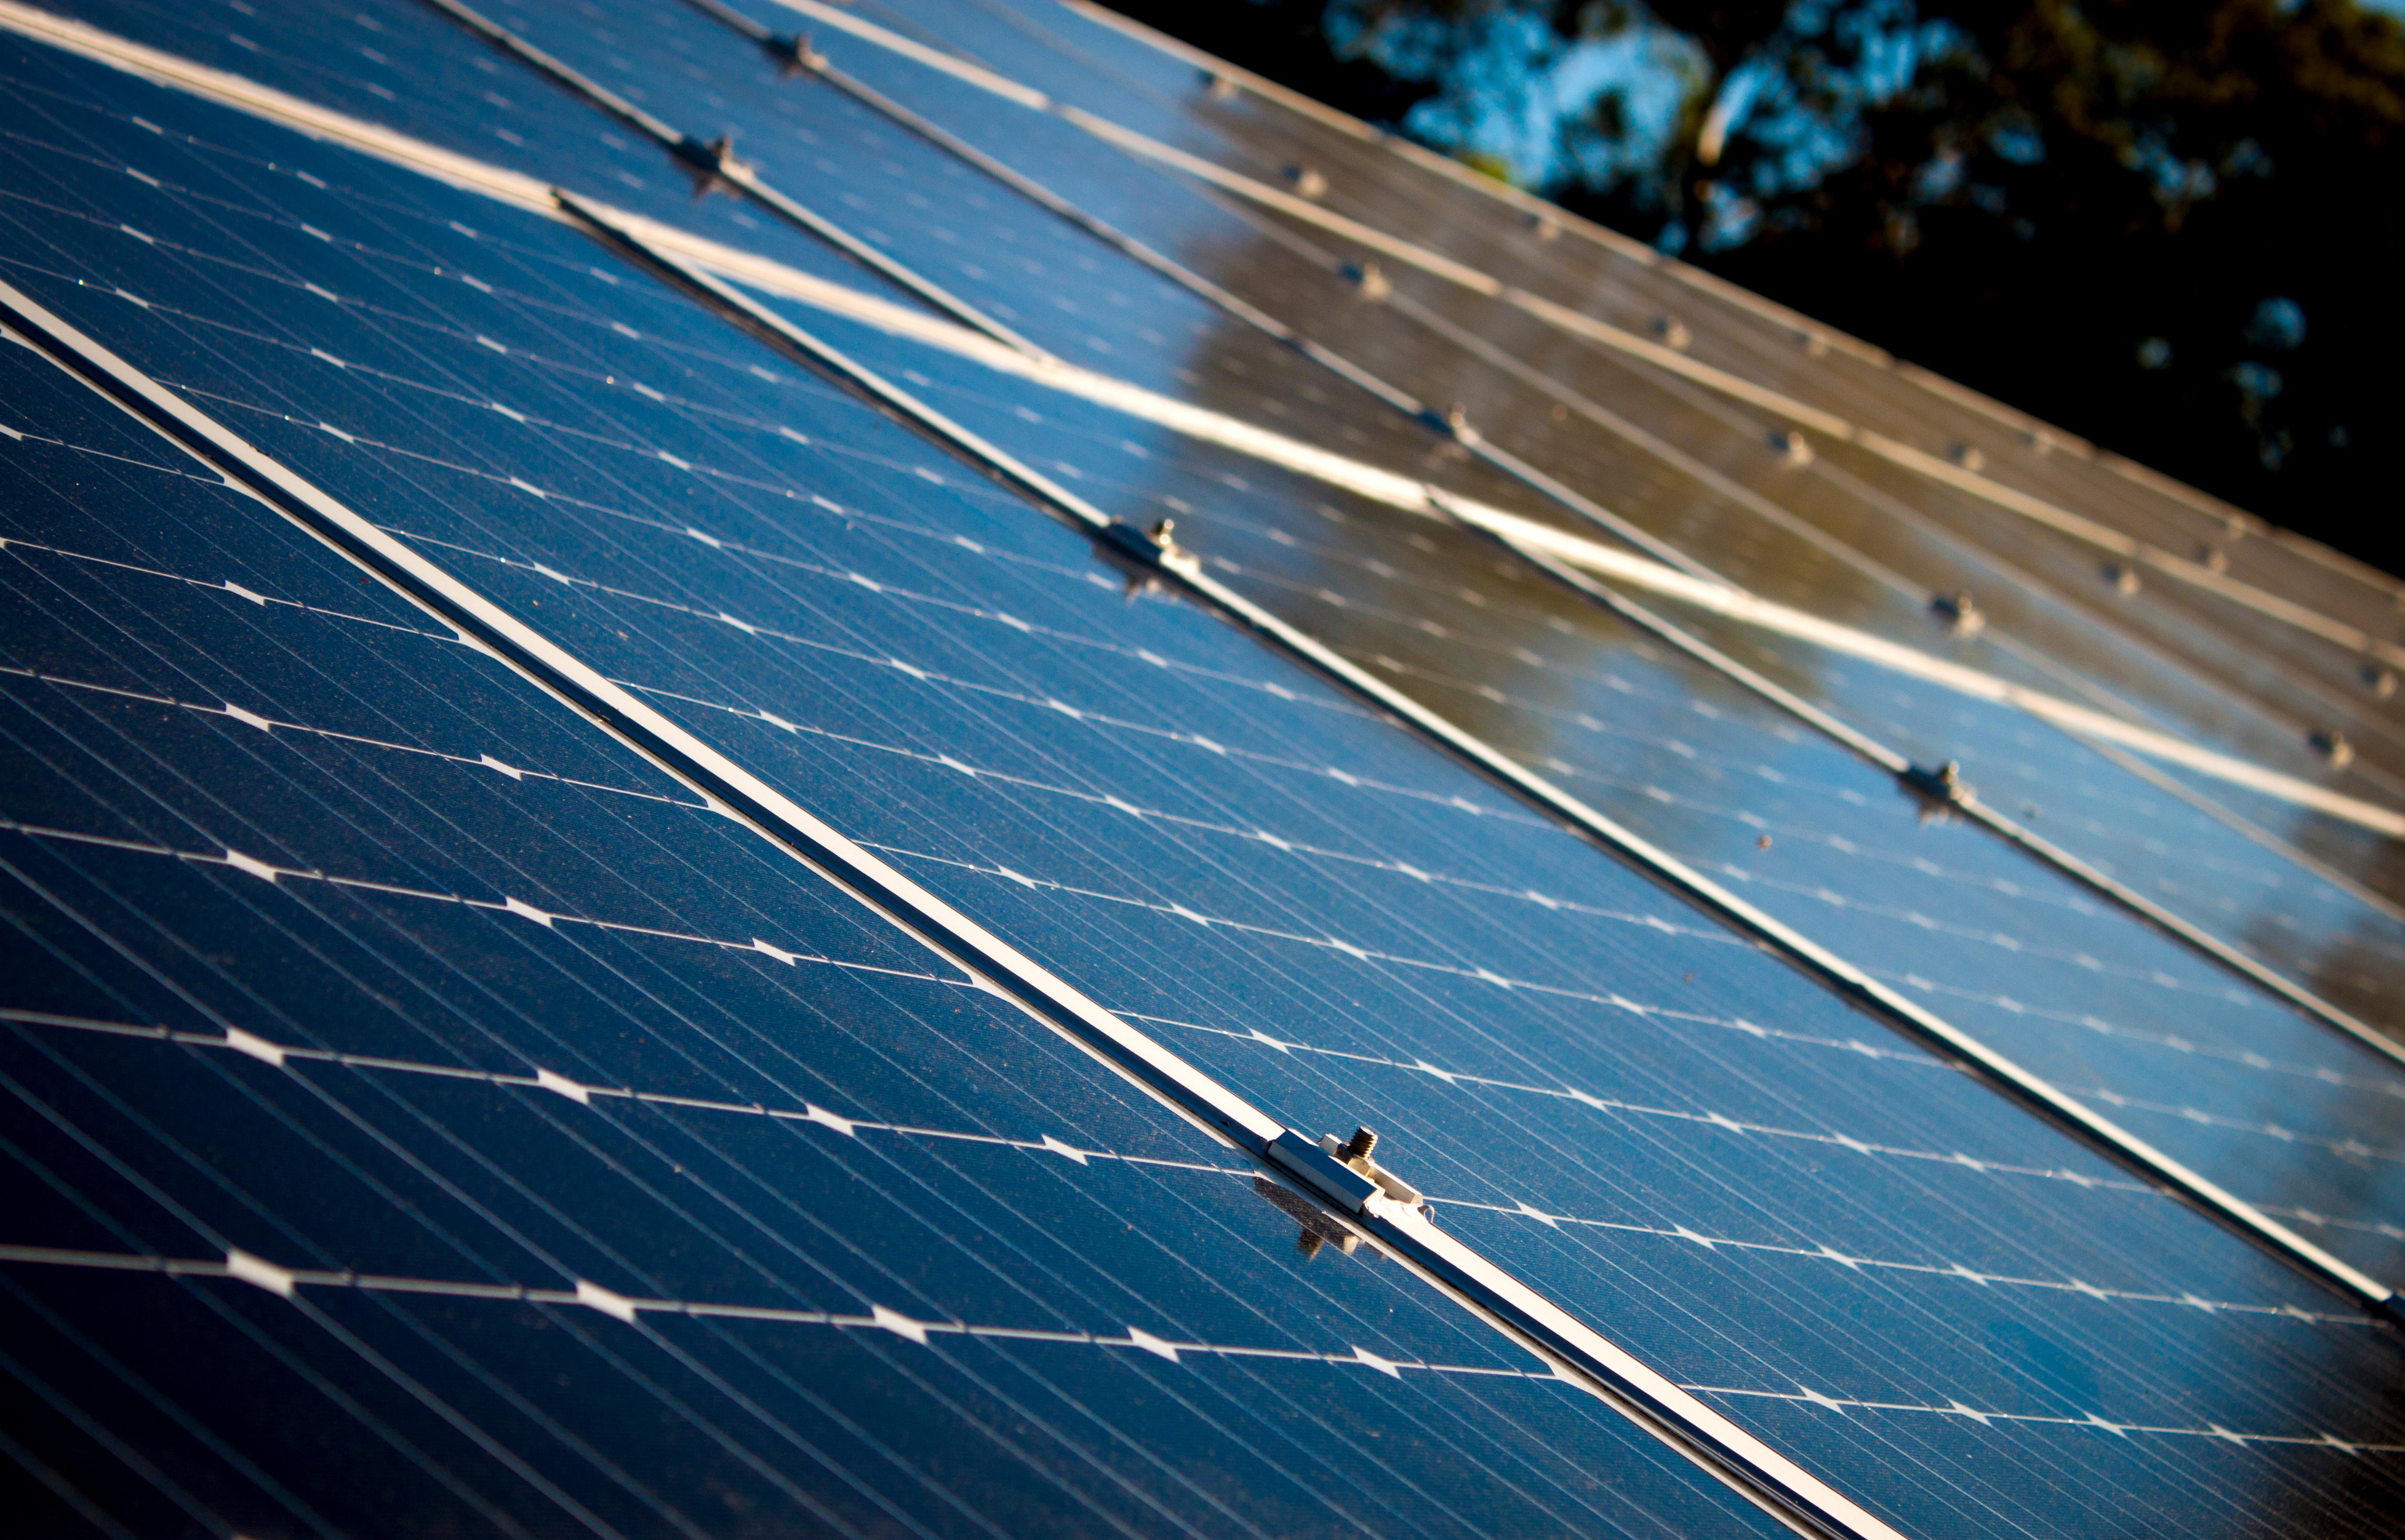 安利捷能源为约旦 120,000 多户家庭供电,每年发电 4.35 亿千瓦时